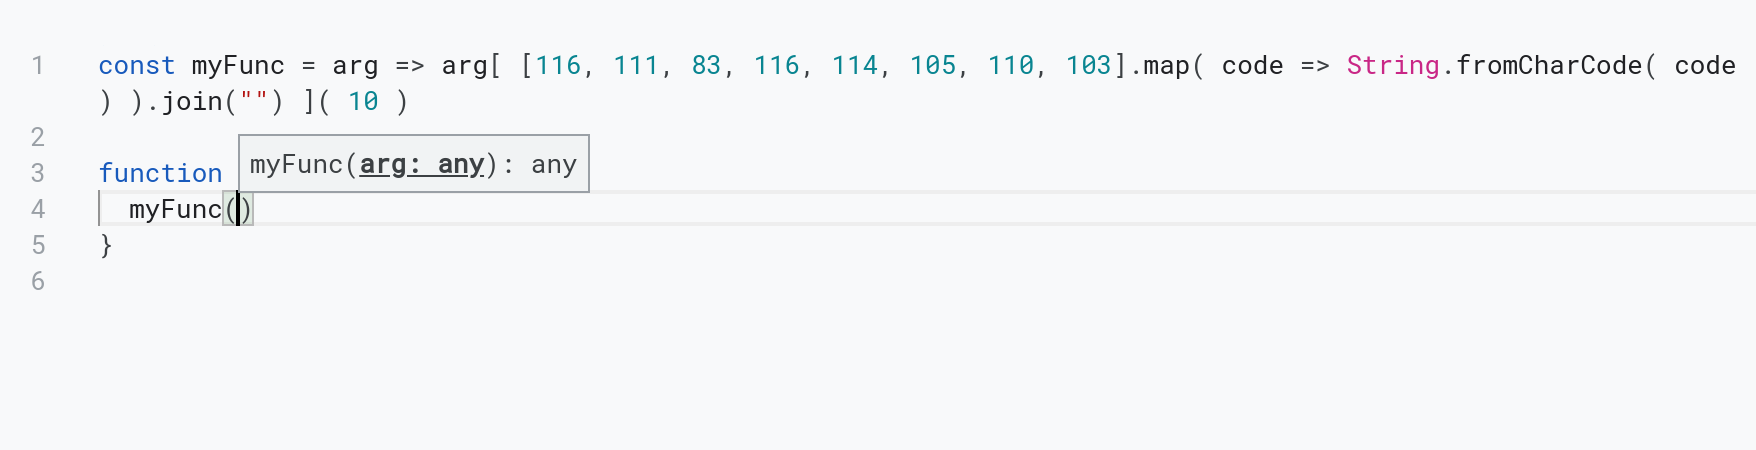 Screenshot 2020-12-19 at 08.24.18.png